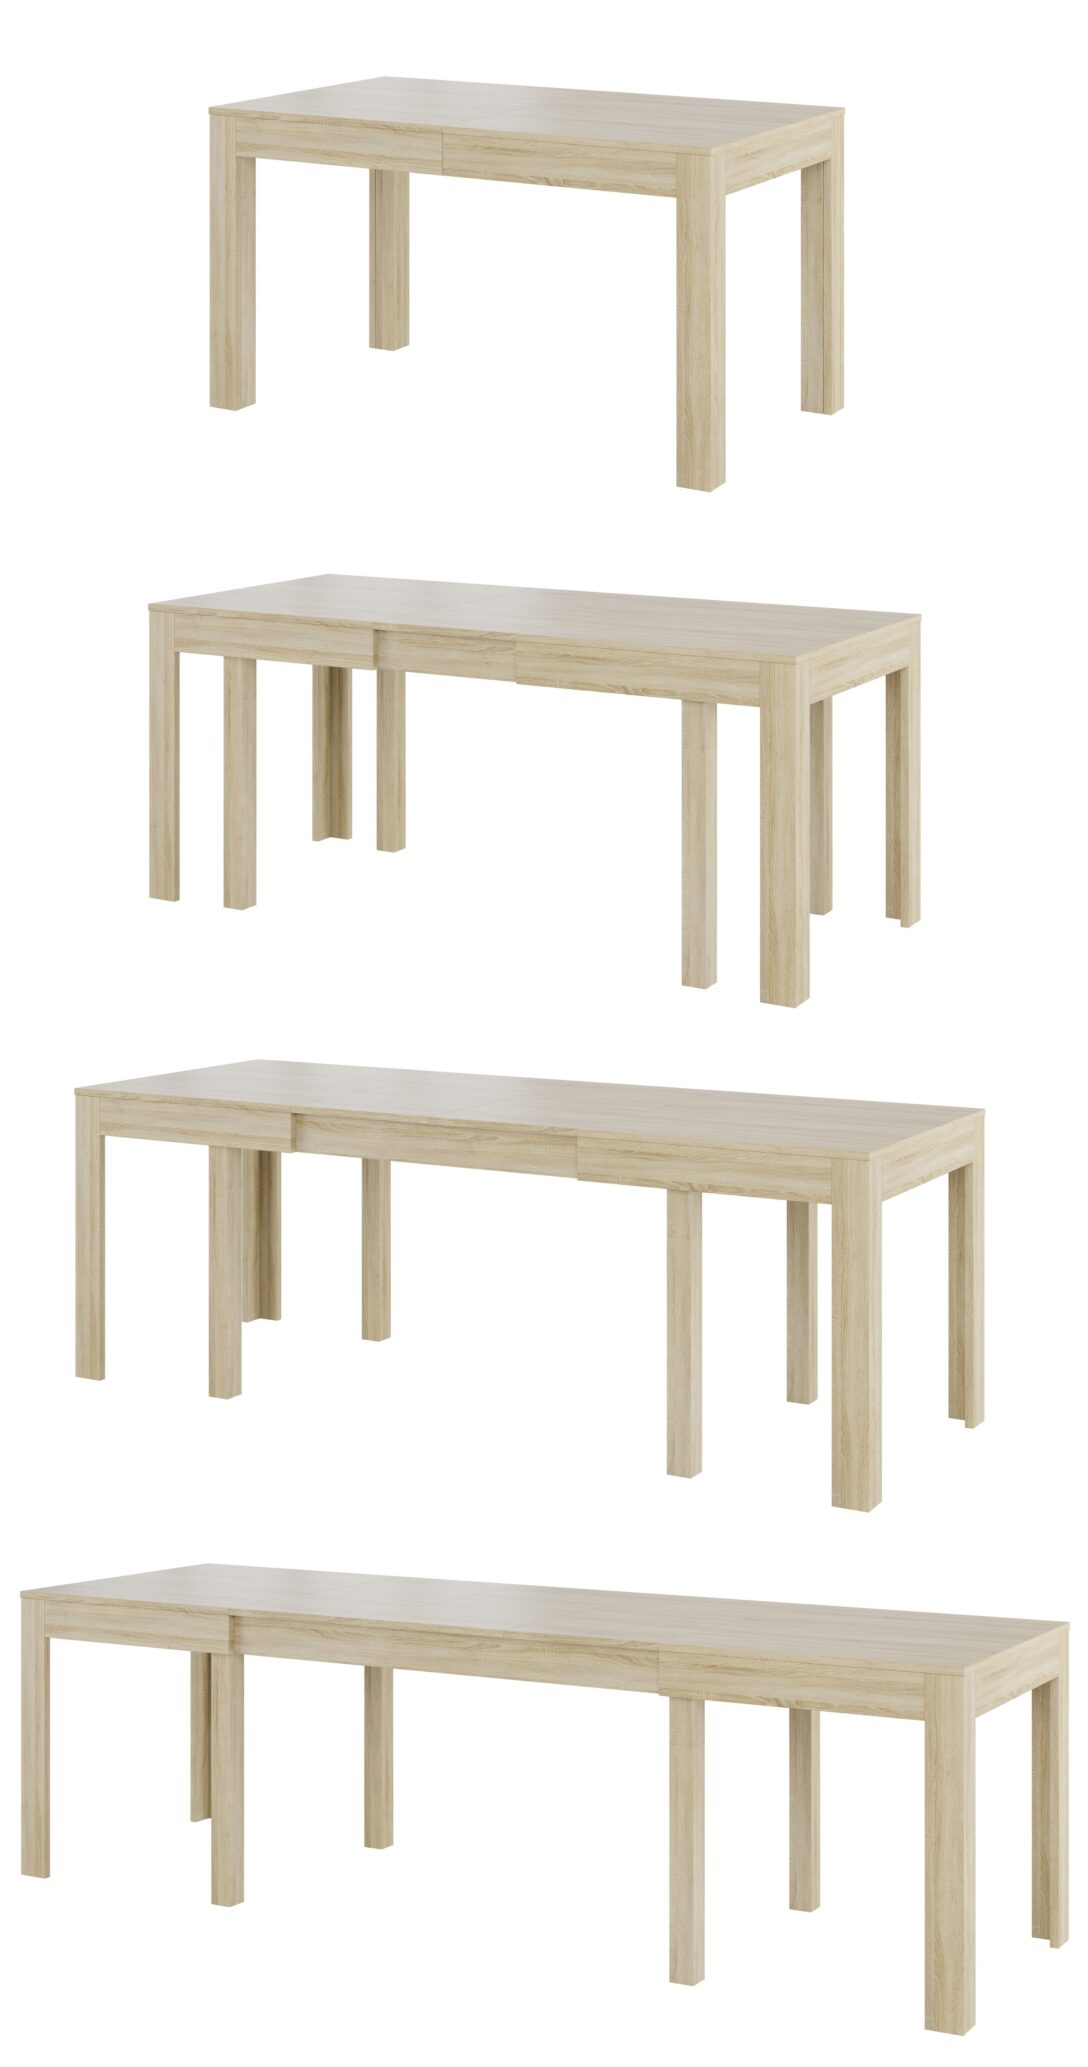 Large Size of Mini Esstisch Tisch Stoletto Ausziehbar Set Günstig Holz Esstische Sofa Für Designer Großer Altholz Ovaler Sheesham Mit Bank Kaufen Miniküche Weiß Runder Wohnzimmer Mini Esstisch